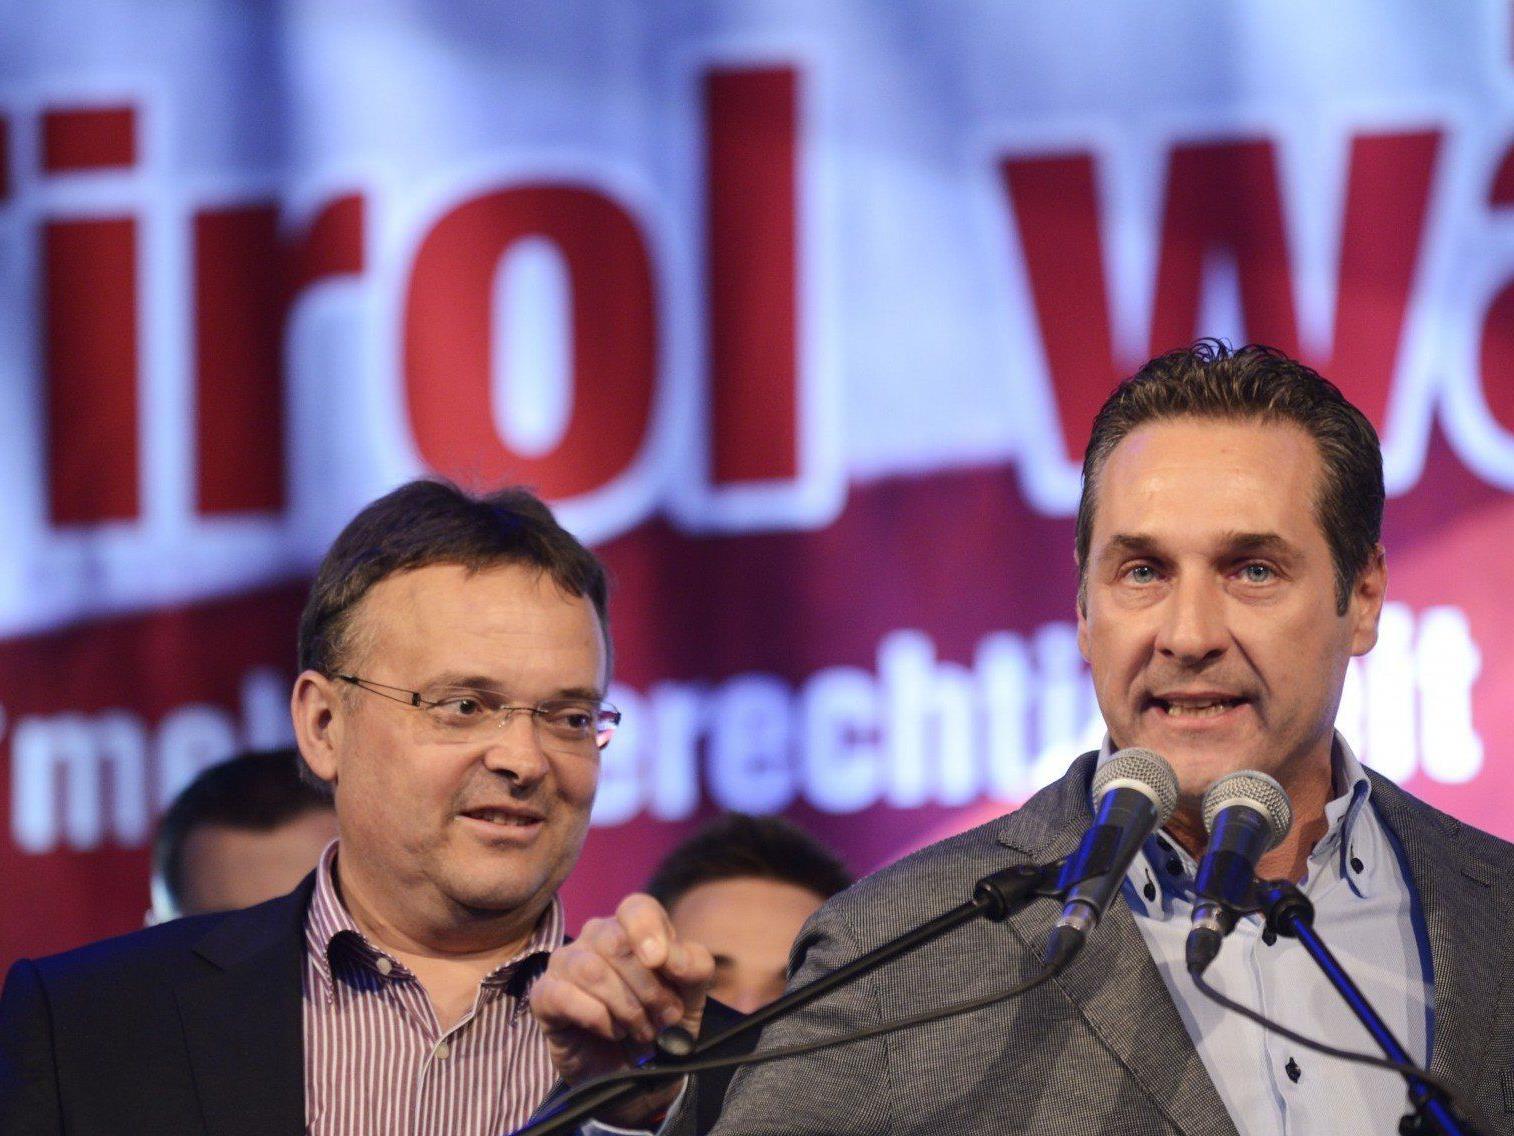 Hauser und Strache bei der FPÖ-Kundgebung vor der Tiroler Landtagswahl in Innsbruck.